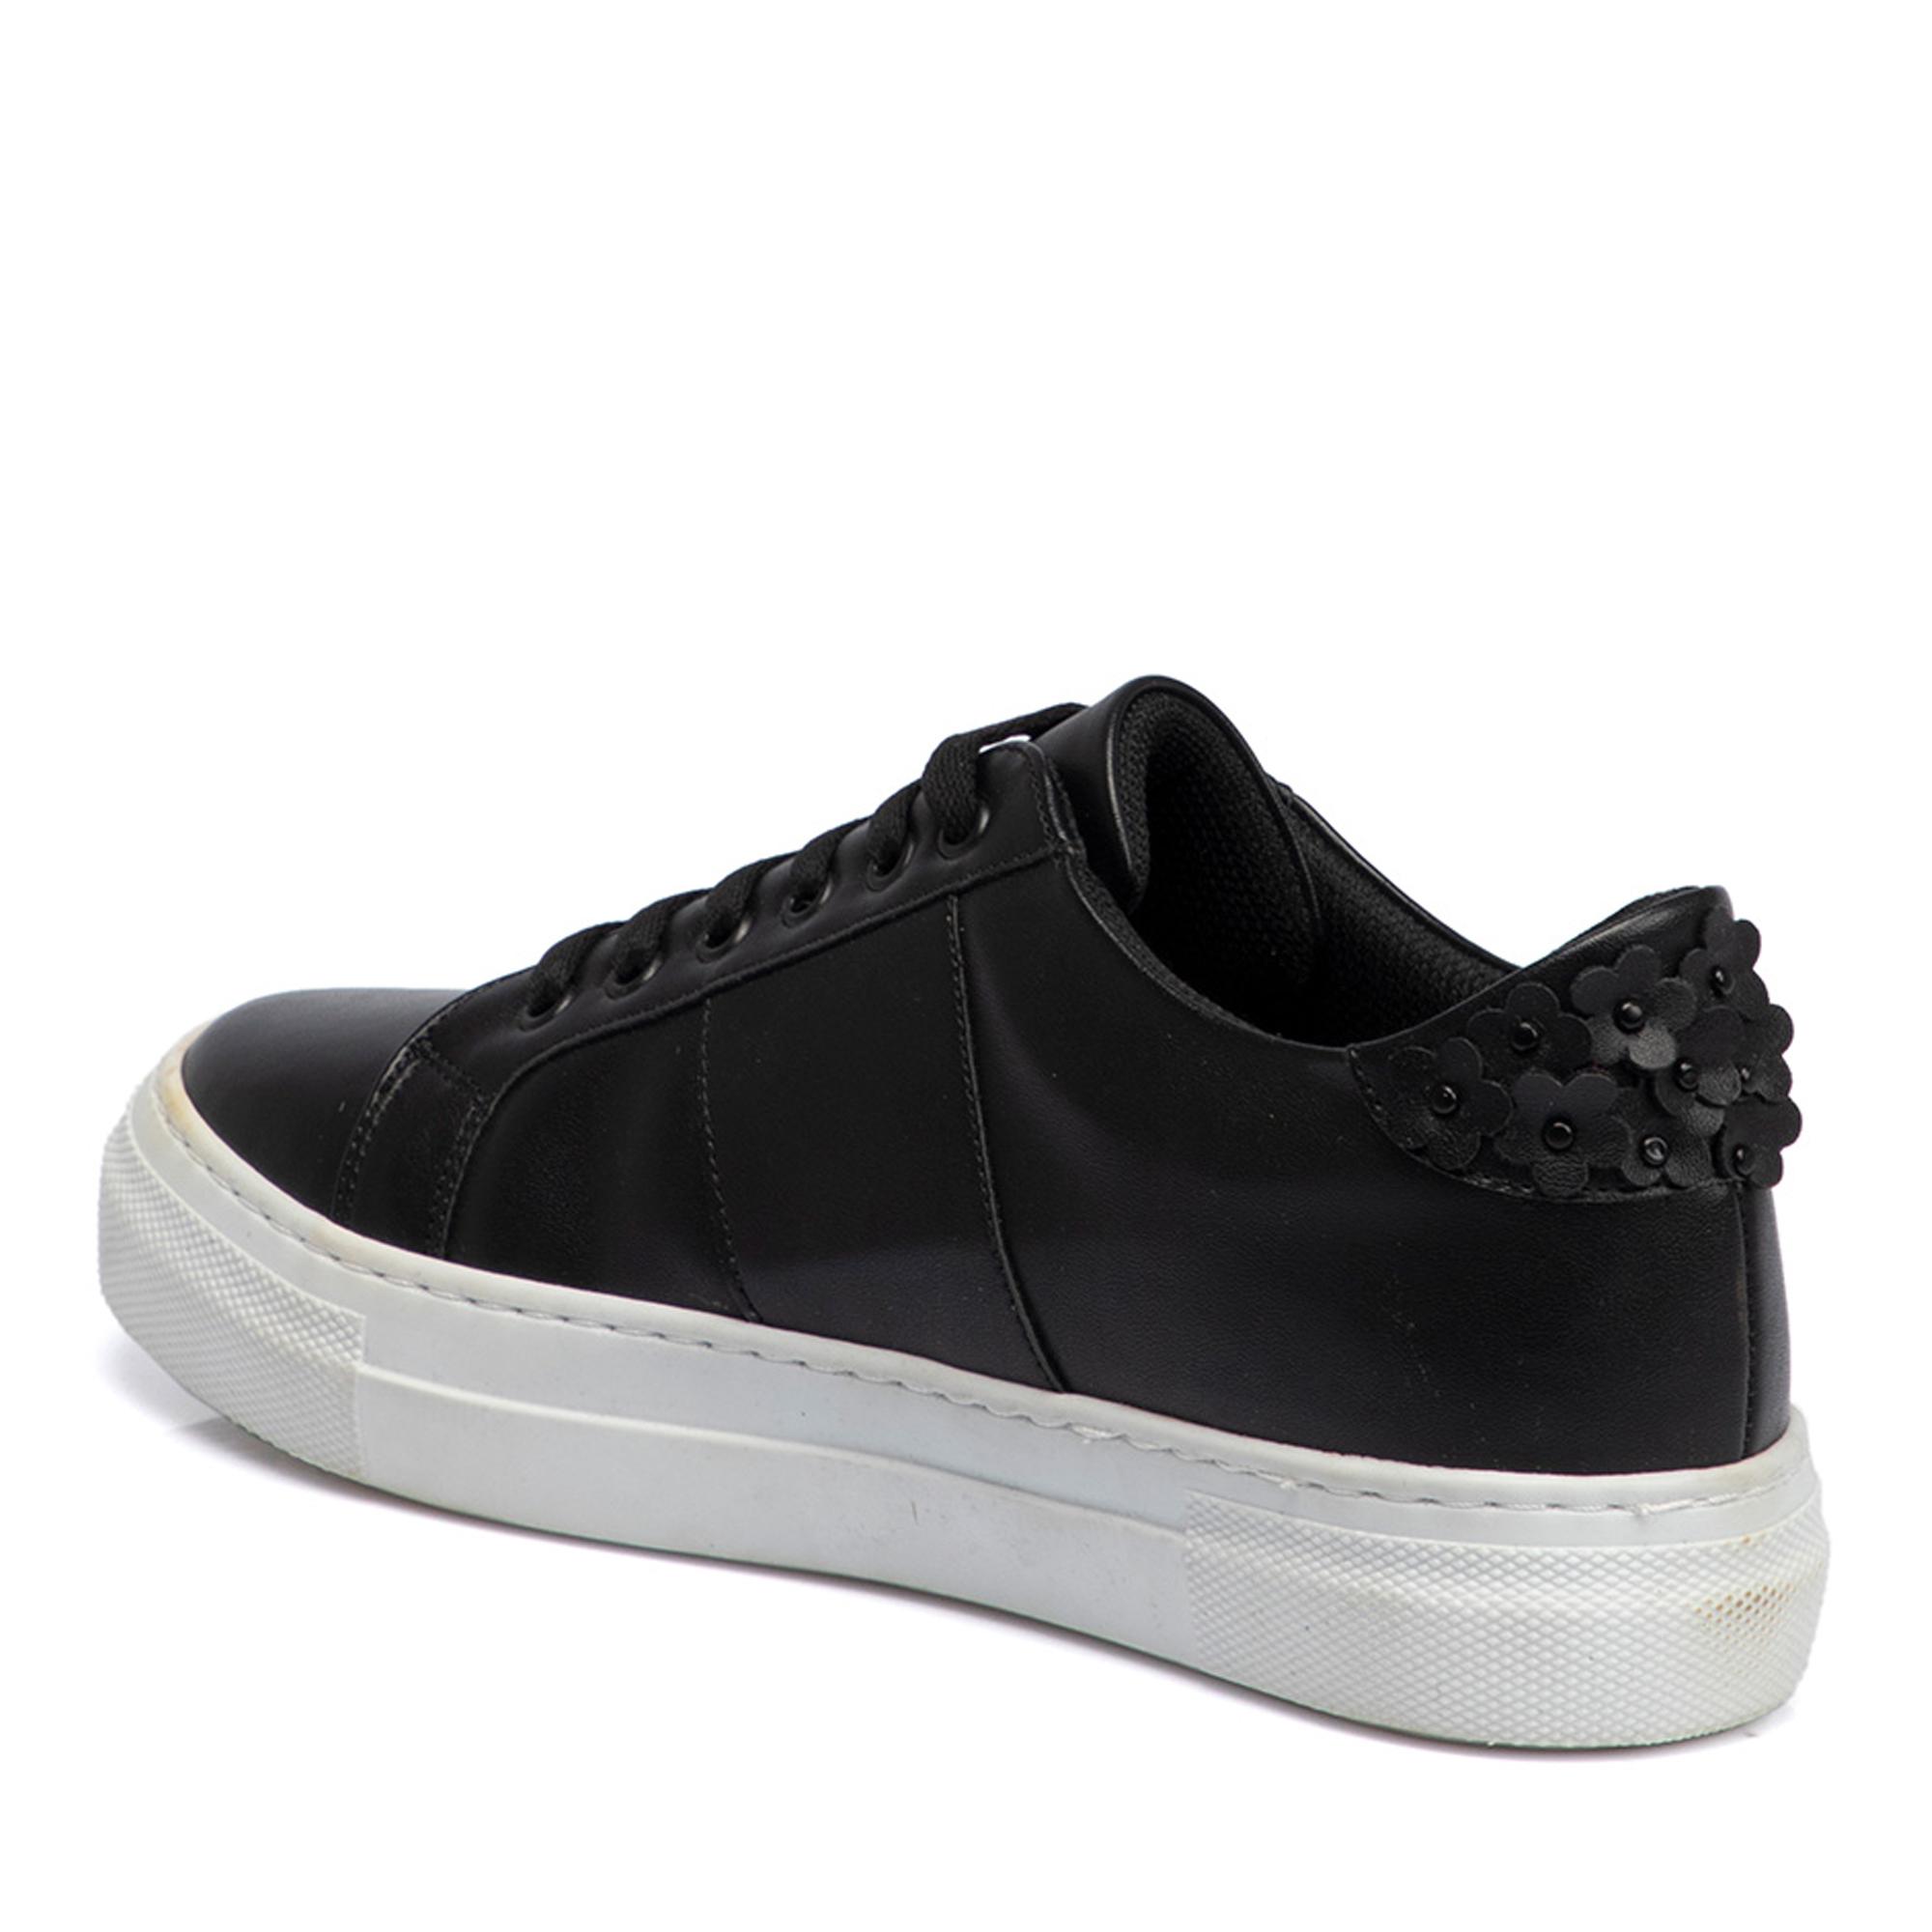 Siyah Kadın Ayakkabı 64257D62